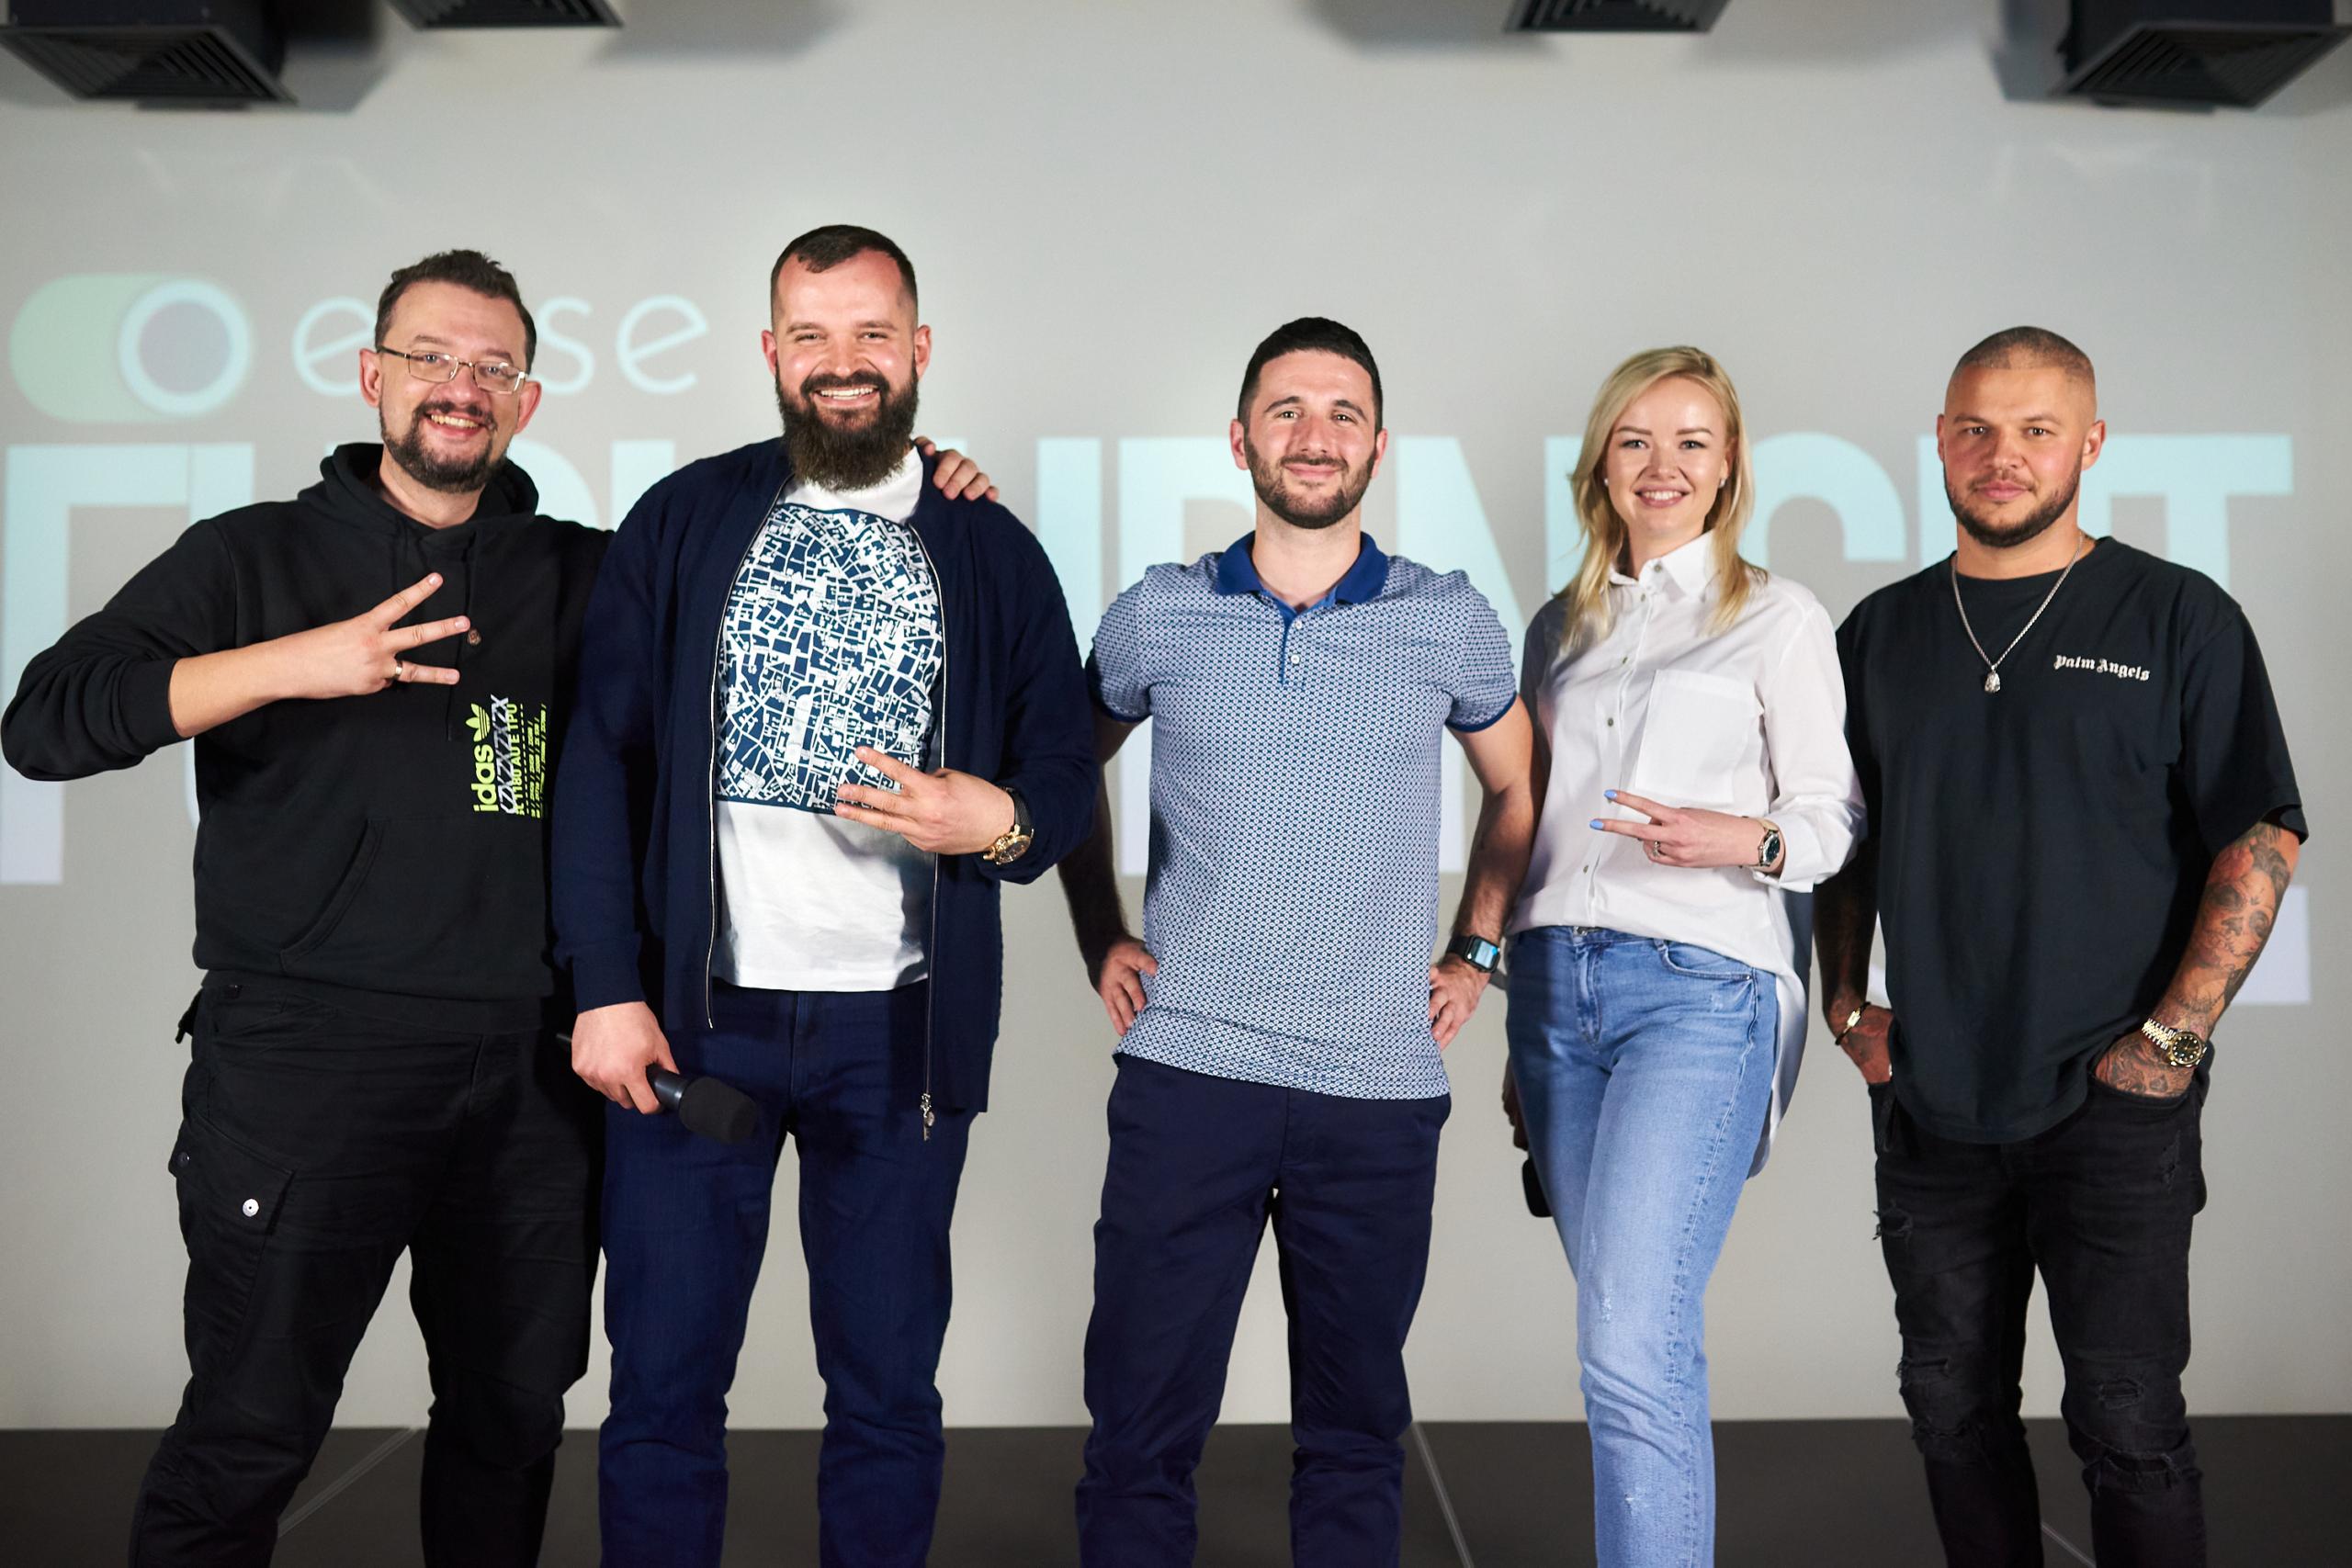 Roman Kyrylovyč, Vladyslav Savčenko, Illja Rejniš, Ljubov Močalova, Oleksij Kostyljev